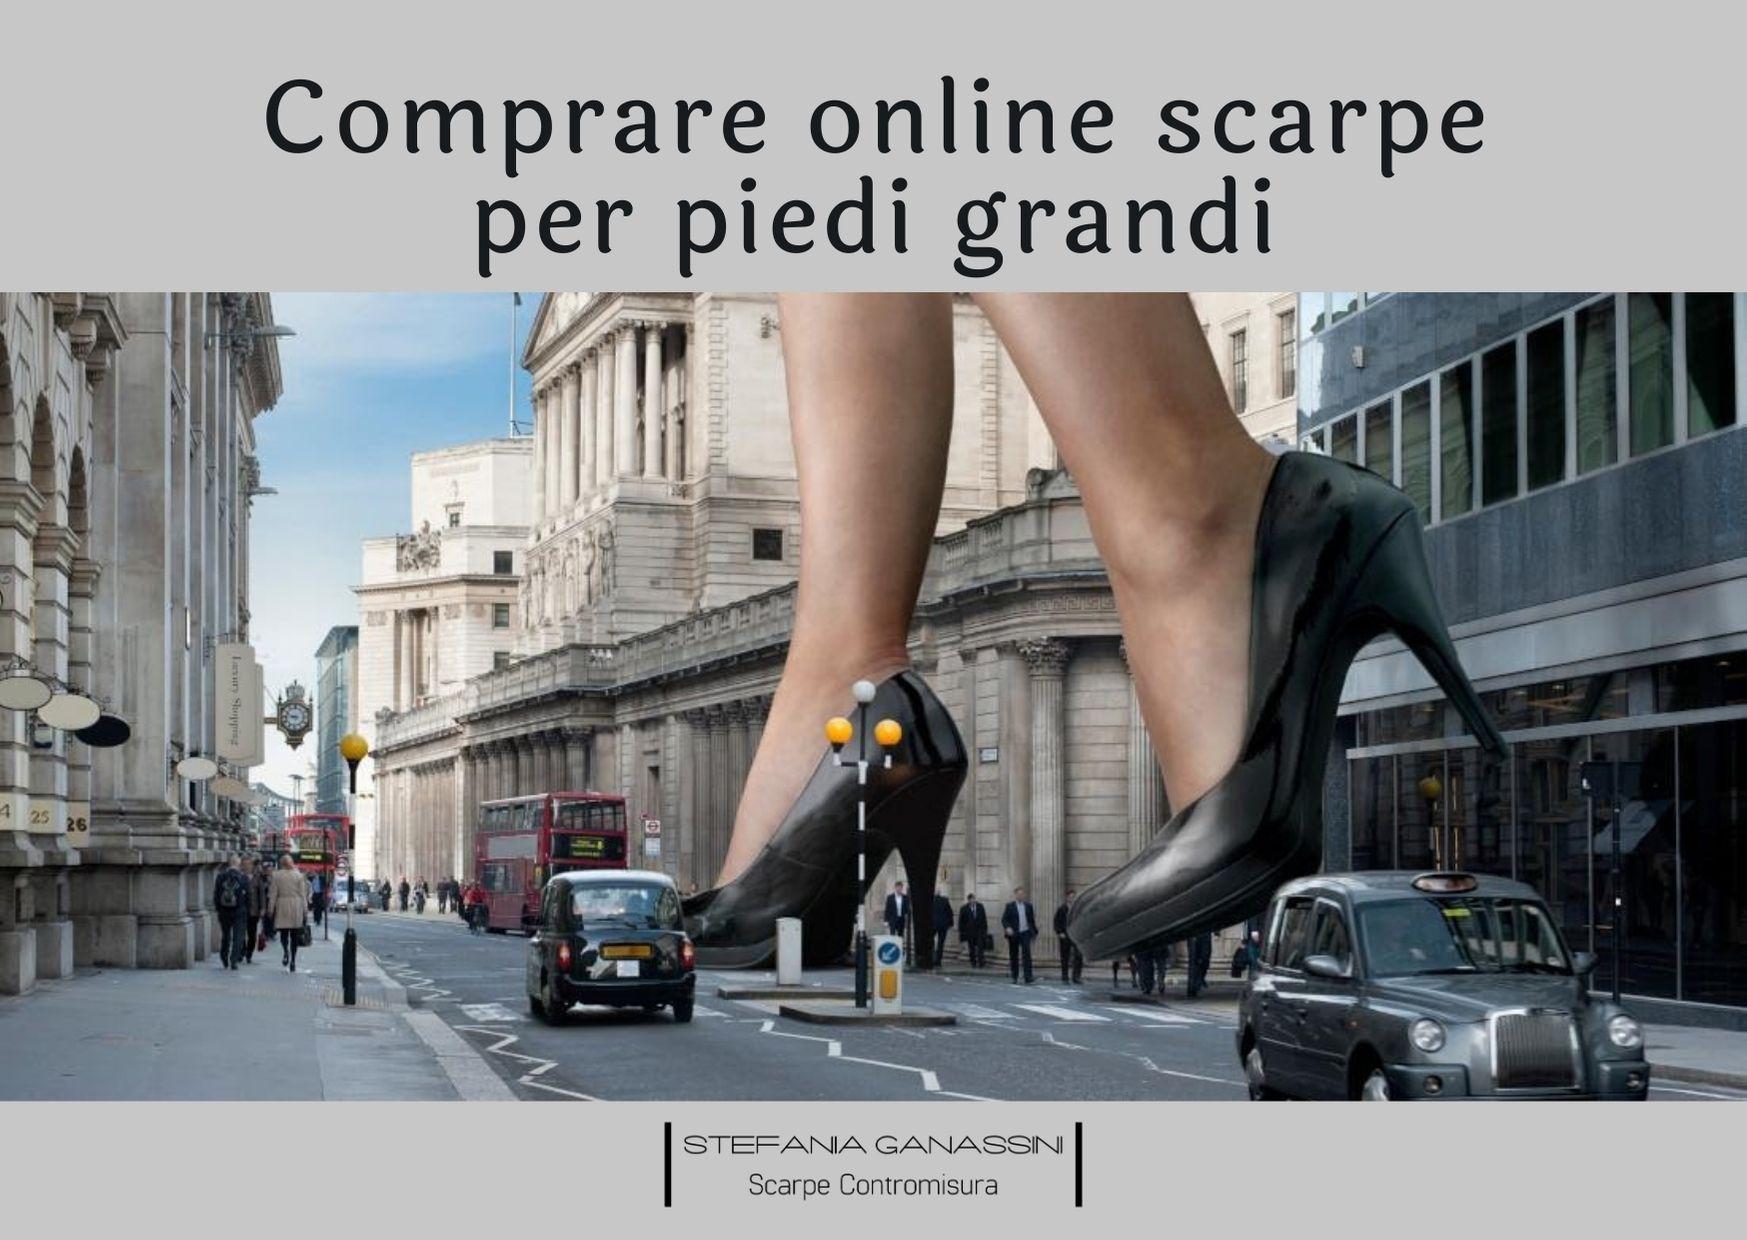 9 Tipps (+ eins), um Schuhe für große Füße online zu kaufen